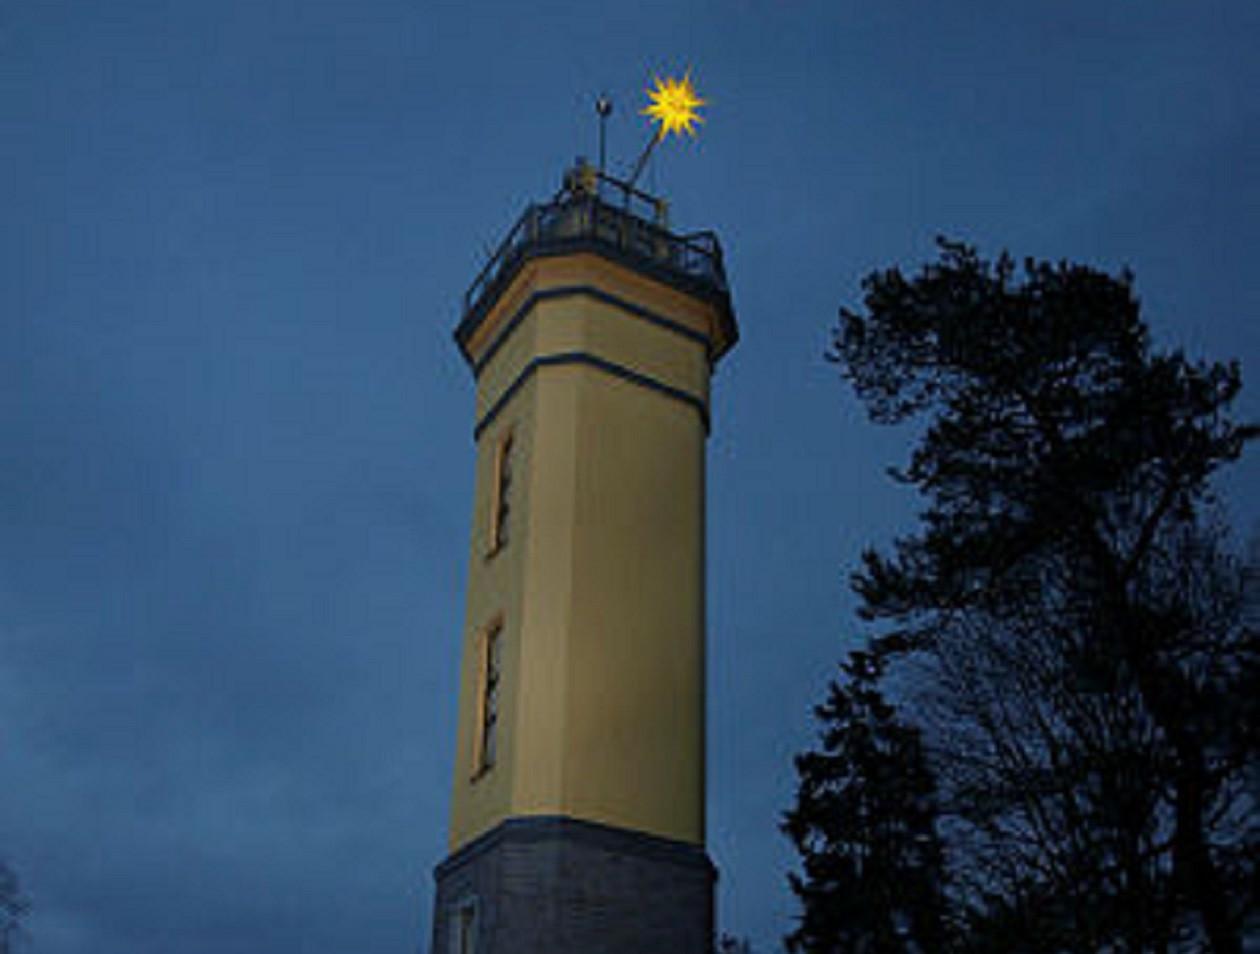 An der Spitze des Turms auf dem Monumentberg leuchtet ein Herrnhuter Stern.